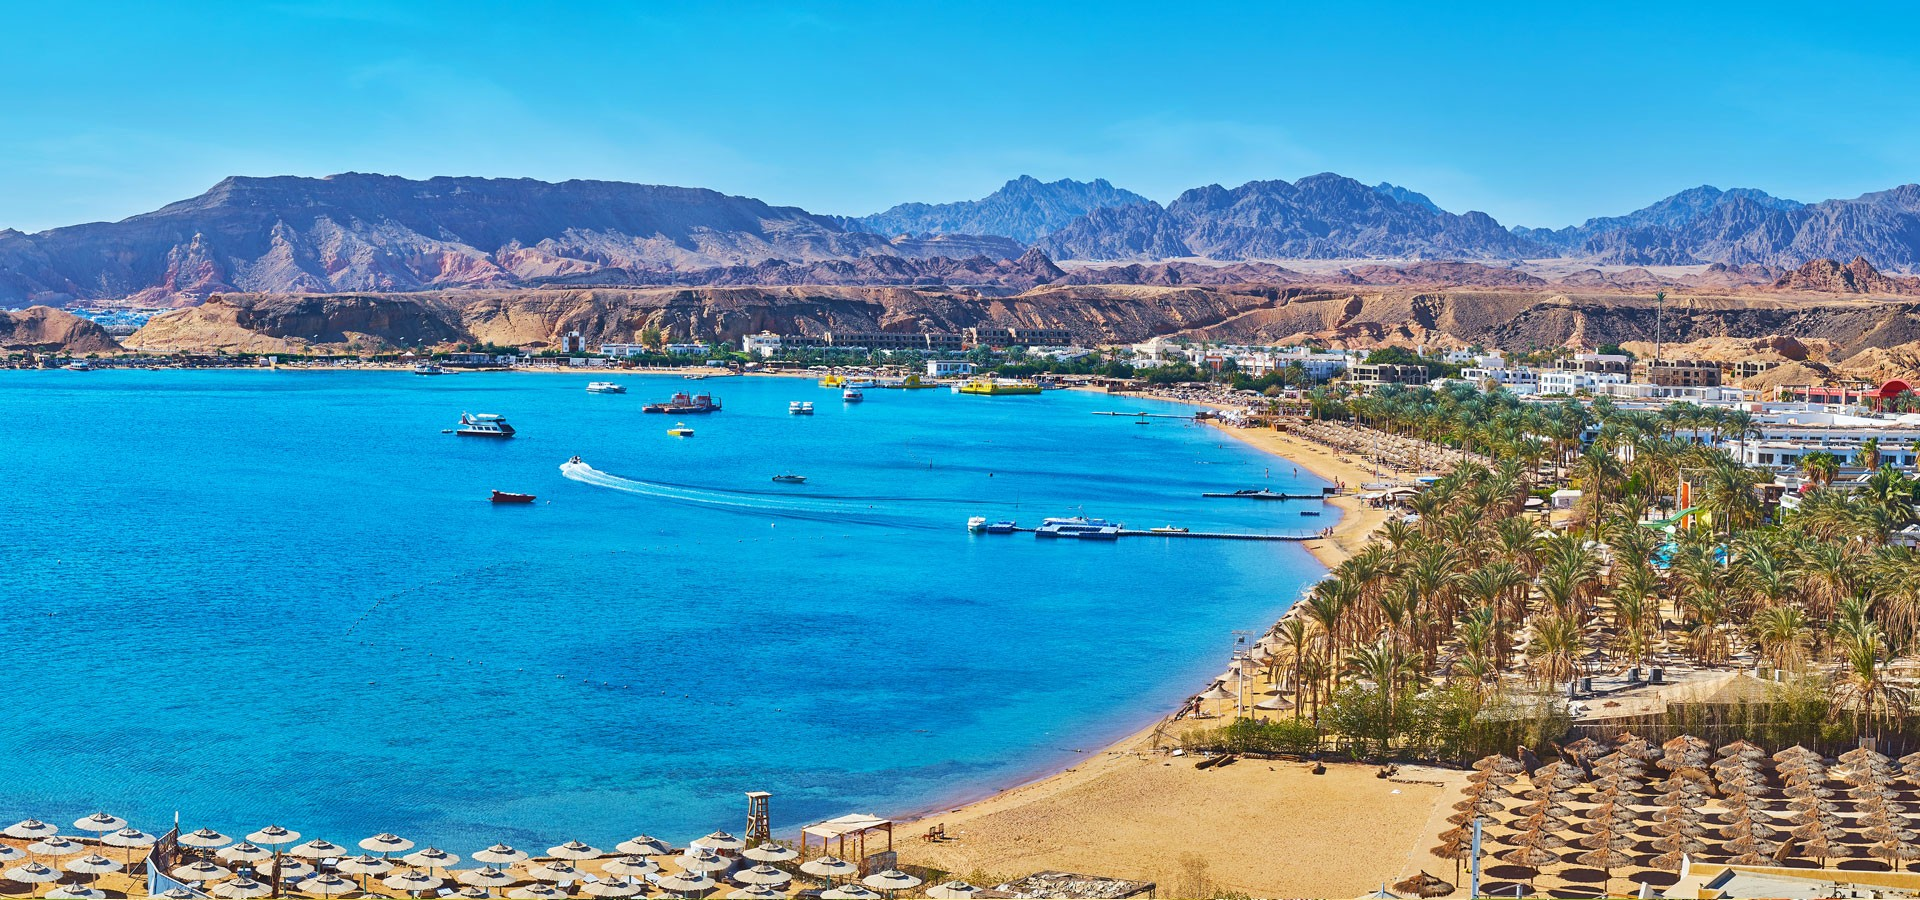 بريطانيا تعلن رفع الحظر عن الرحلات الجوية إلى مدينة شرم الشيخ المصرية